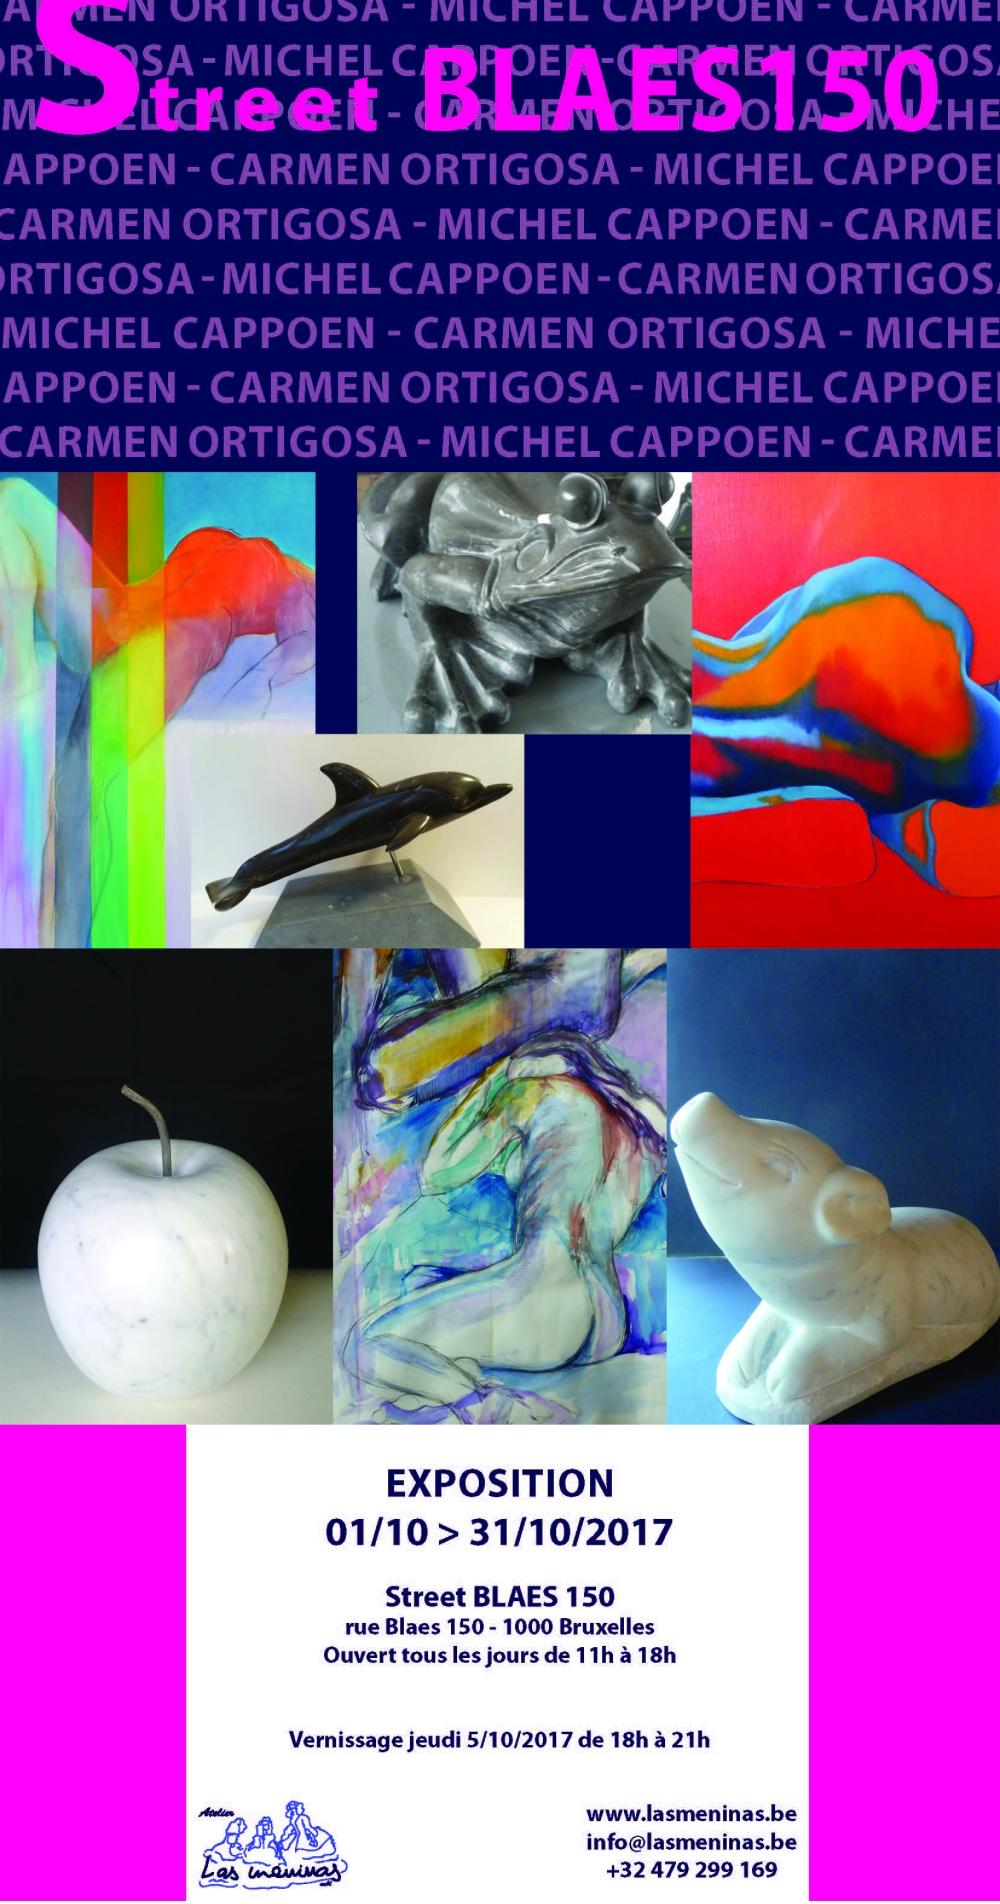 Exposition Carmen Ortigosa & Michel Cappoen